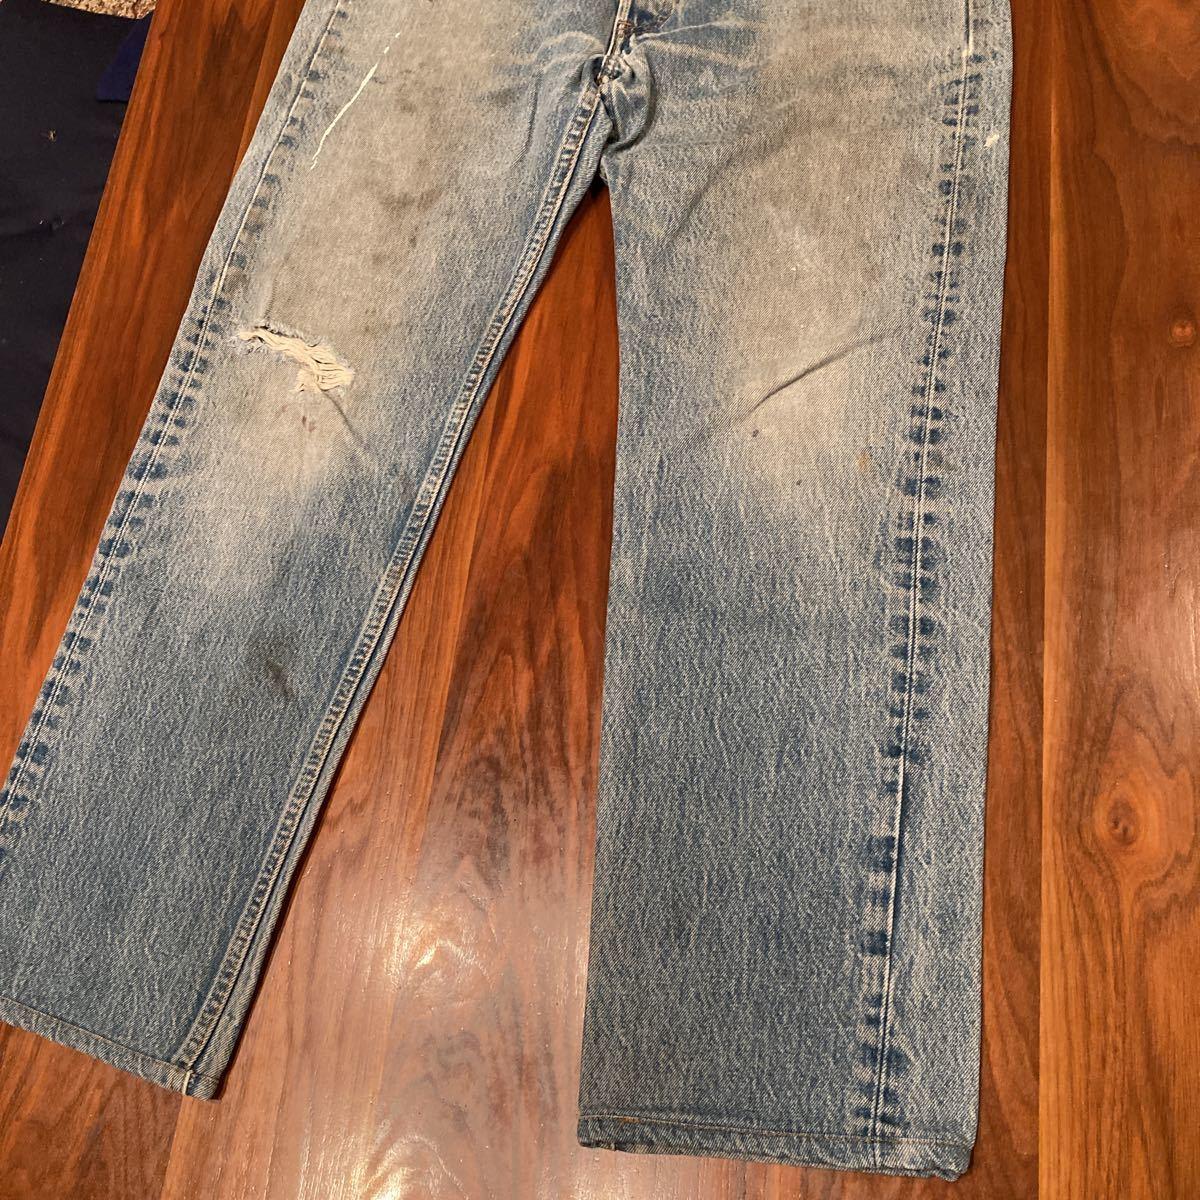 98年 米国製 Levi's リーバイス 501 w35 レギュラー 実寸 w86cm ヒゲ落ち クラッシュ デニム ジーンズ_画像7